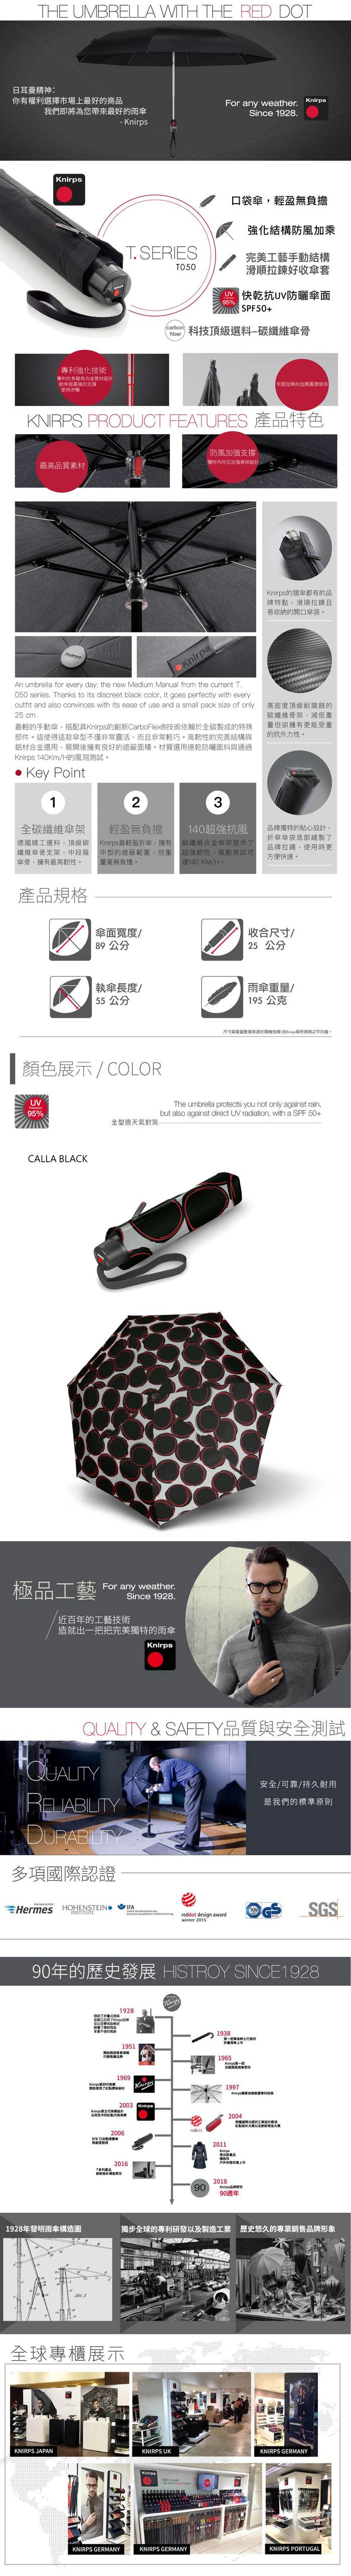 (複製)Knirps®德國紅點傘|T.050 超輕全碳纖維手開傘-Poppy Rose